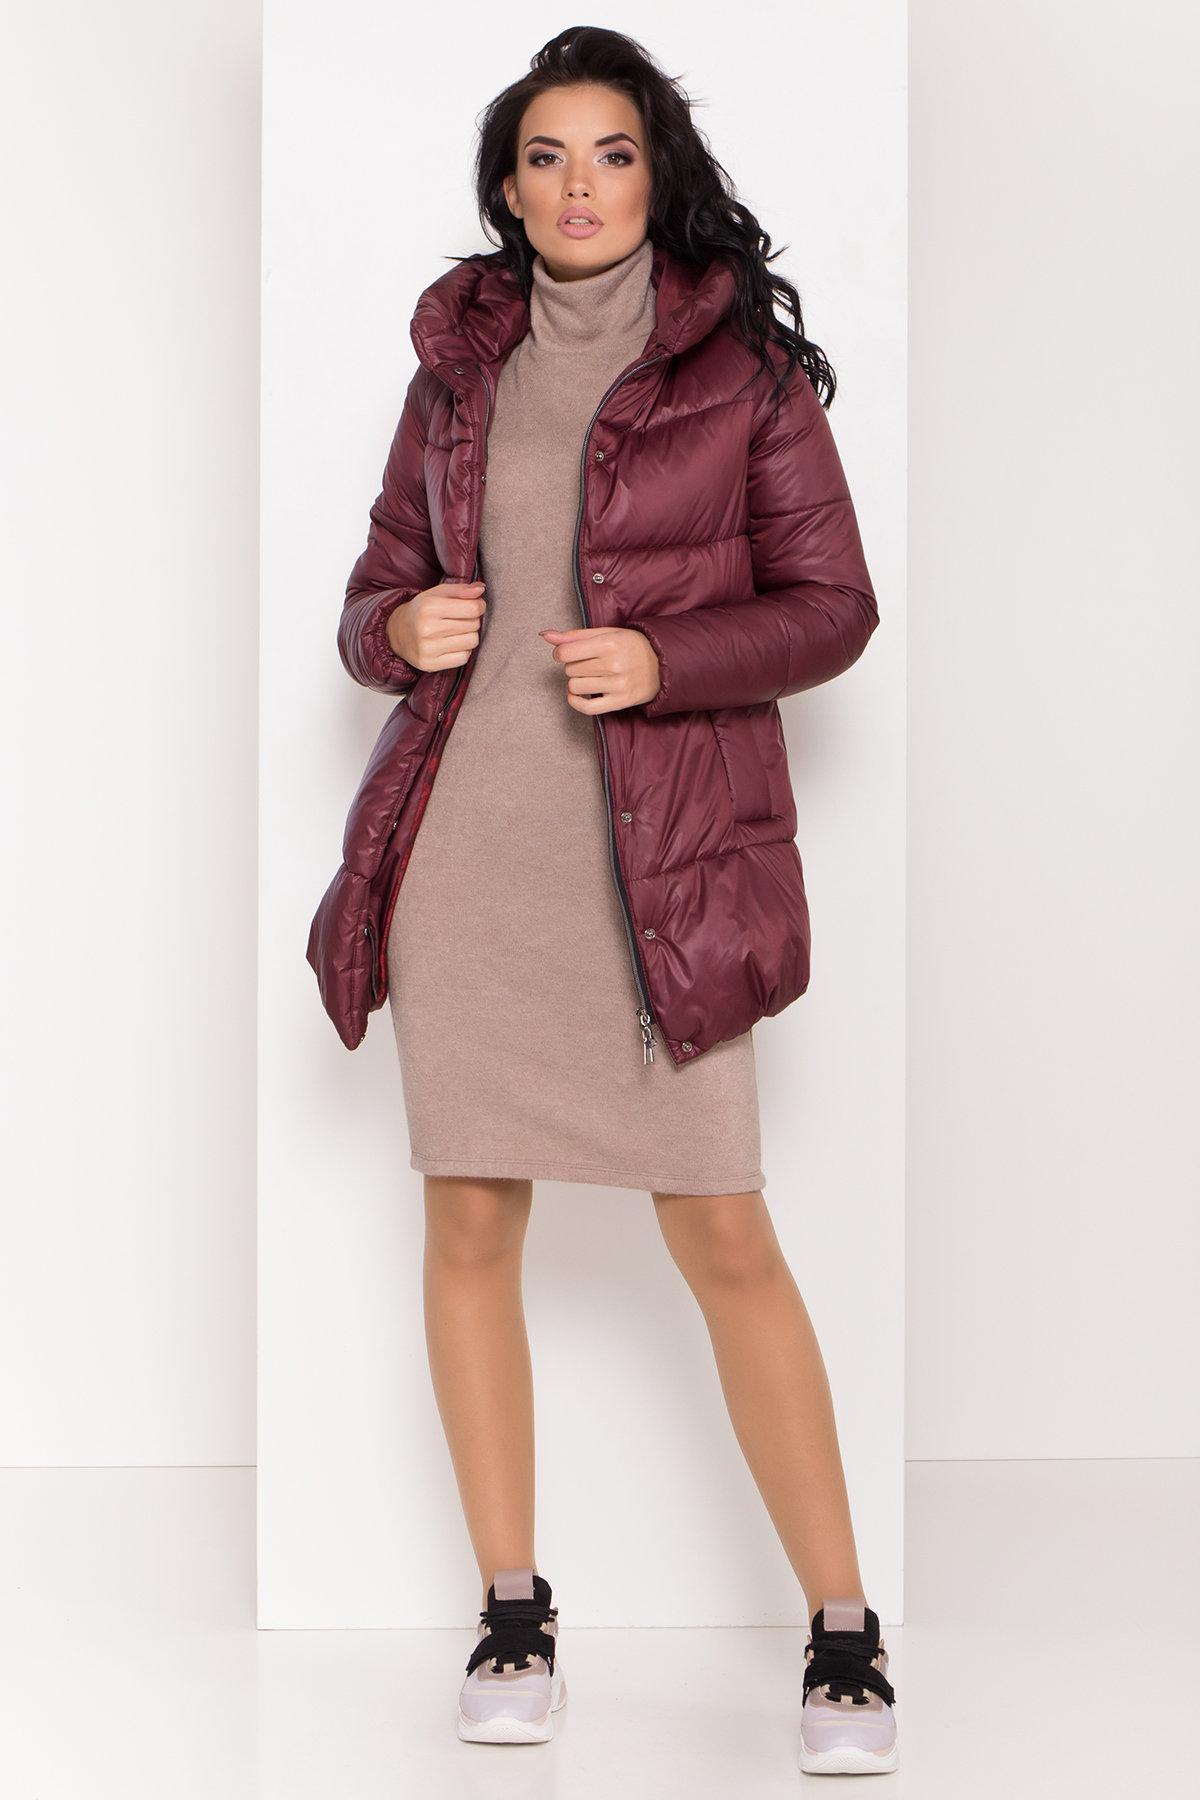 Женская зимняя куртка пуховик Техас Лаке 8238 АРТ. 44286 Цвет: Бордо - фото 3, интернет магазин tm-modus.ru